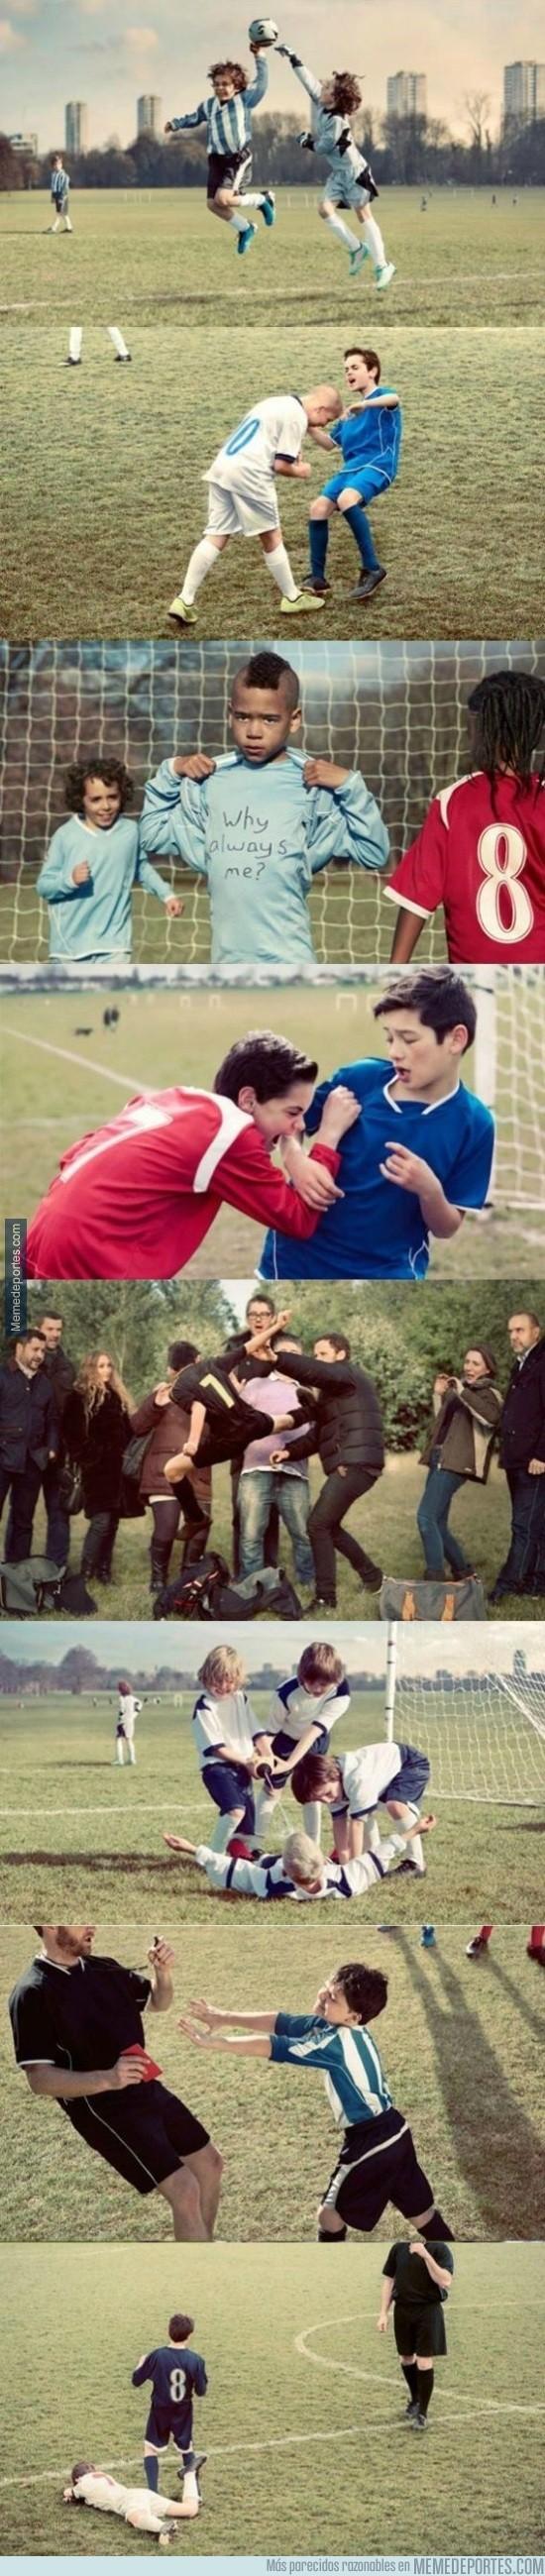 656297 - Famosos momentos del fútbol con niños ¿Los reconoces?